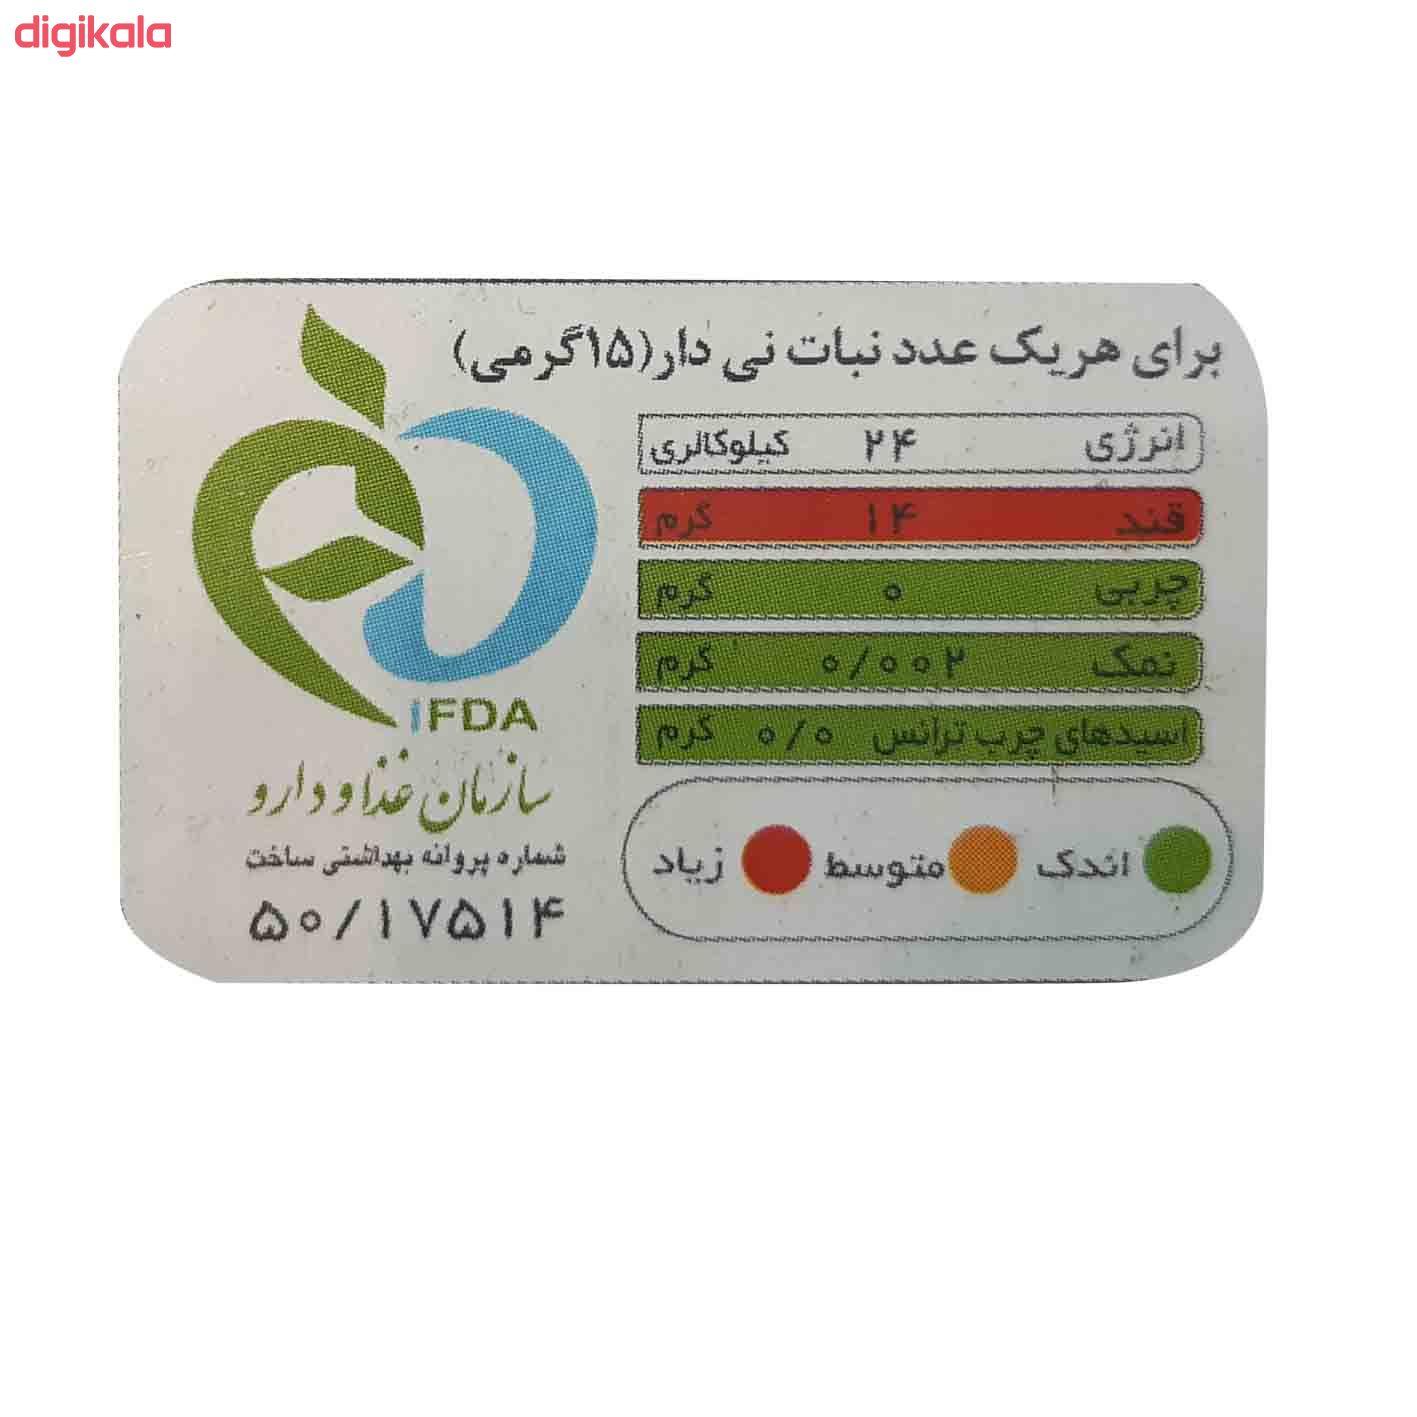 خرید اینترنتی با تخفیف ویژه نبات طعم دار فرجاد بسته 10 عددی